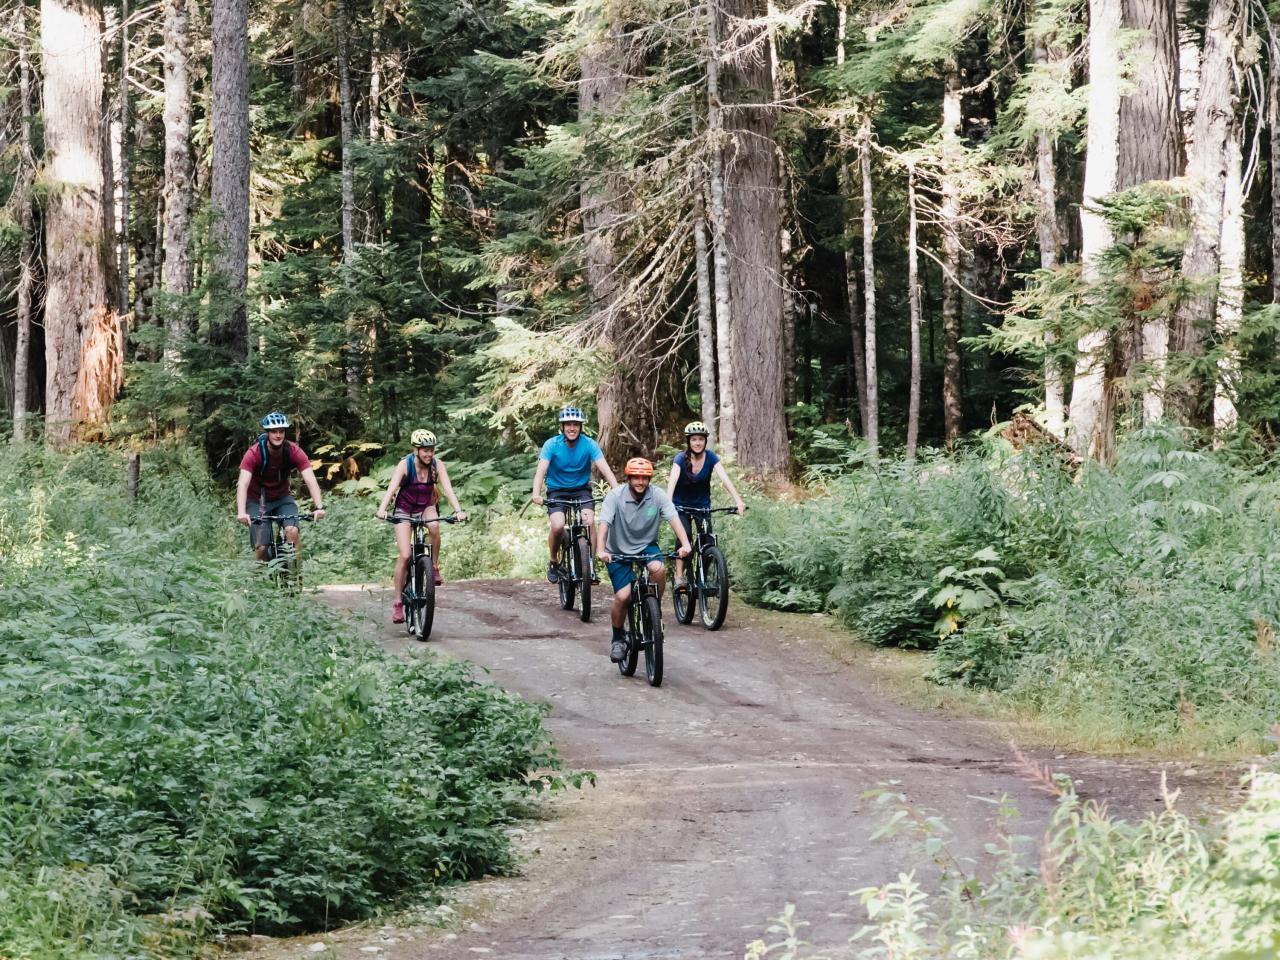 E-Bike & Biathlon Adventure Tour | Whistler Olympic Park